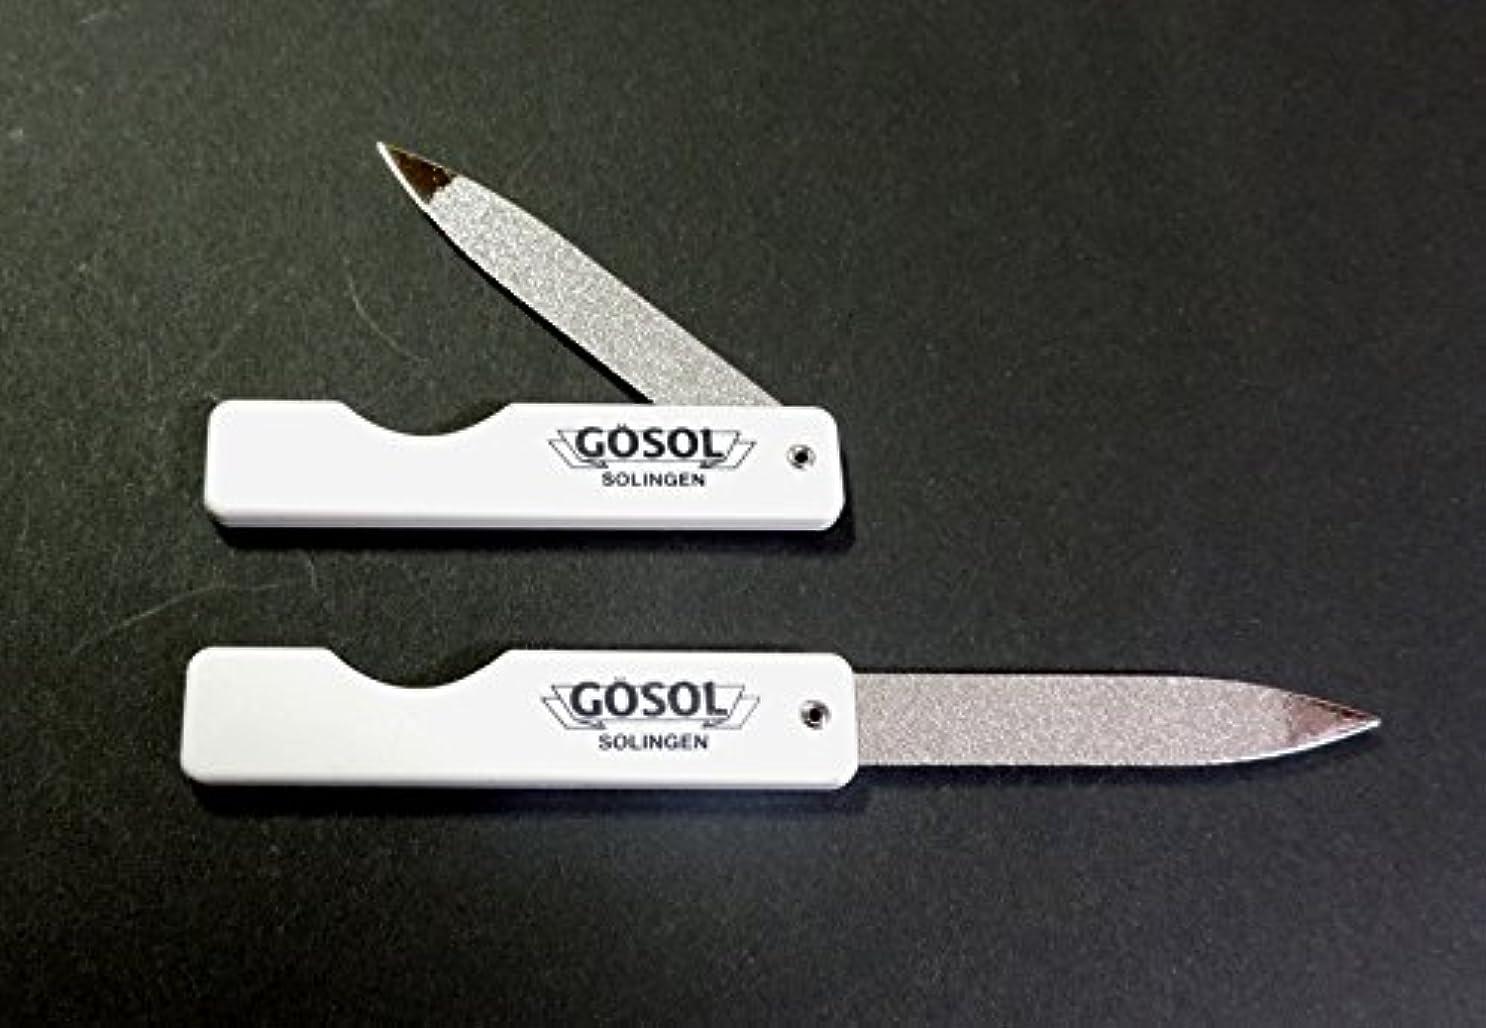 エンターテインメントくそーオーナーゲーゾル(独) GOSOL ポケット爪ヤスリ(折込式、サファイヤ) 白柄2個組